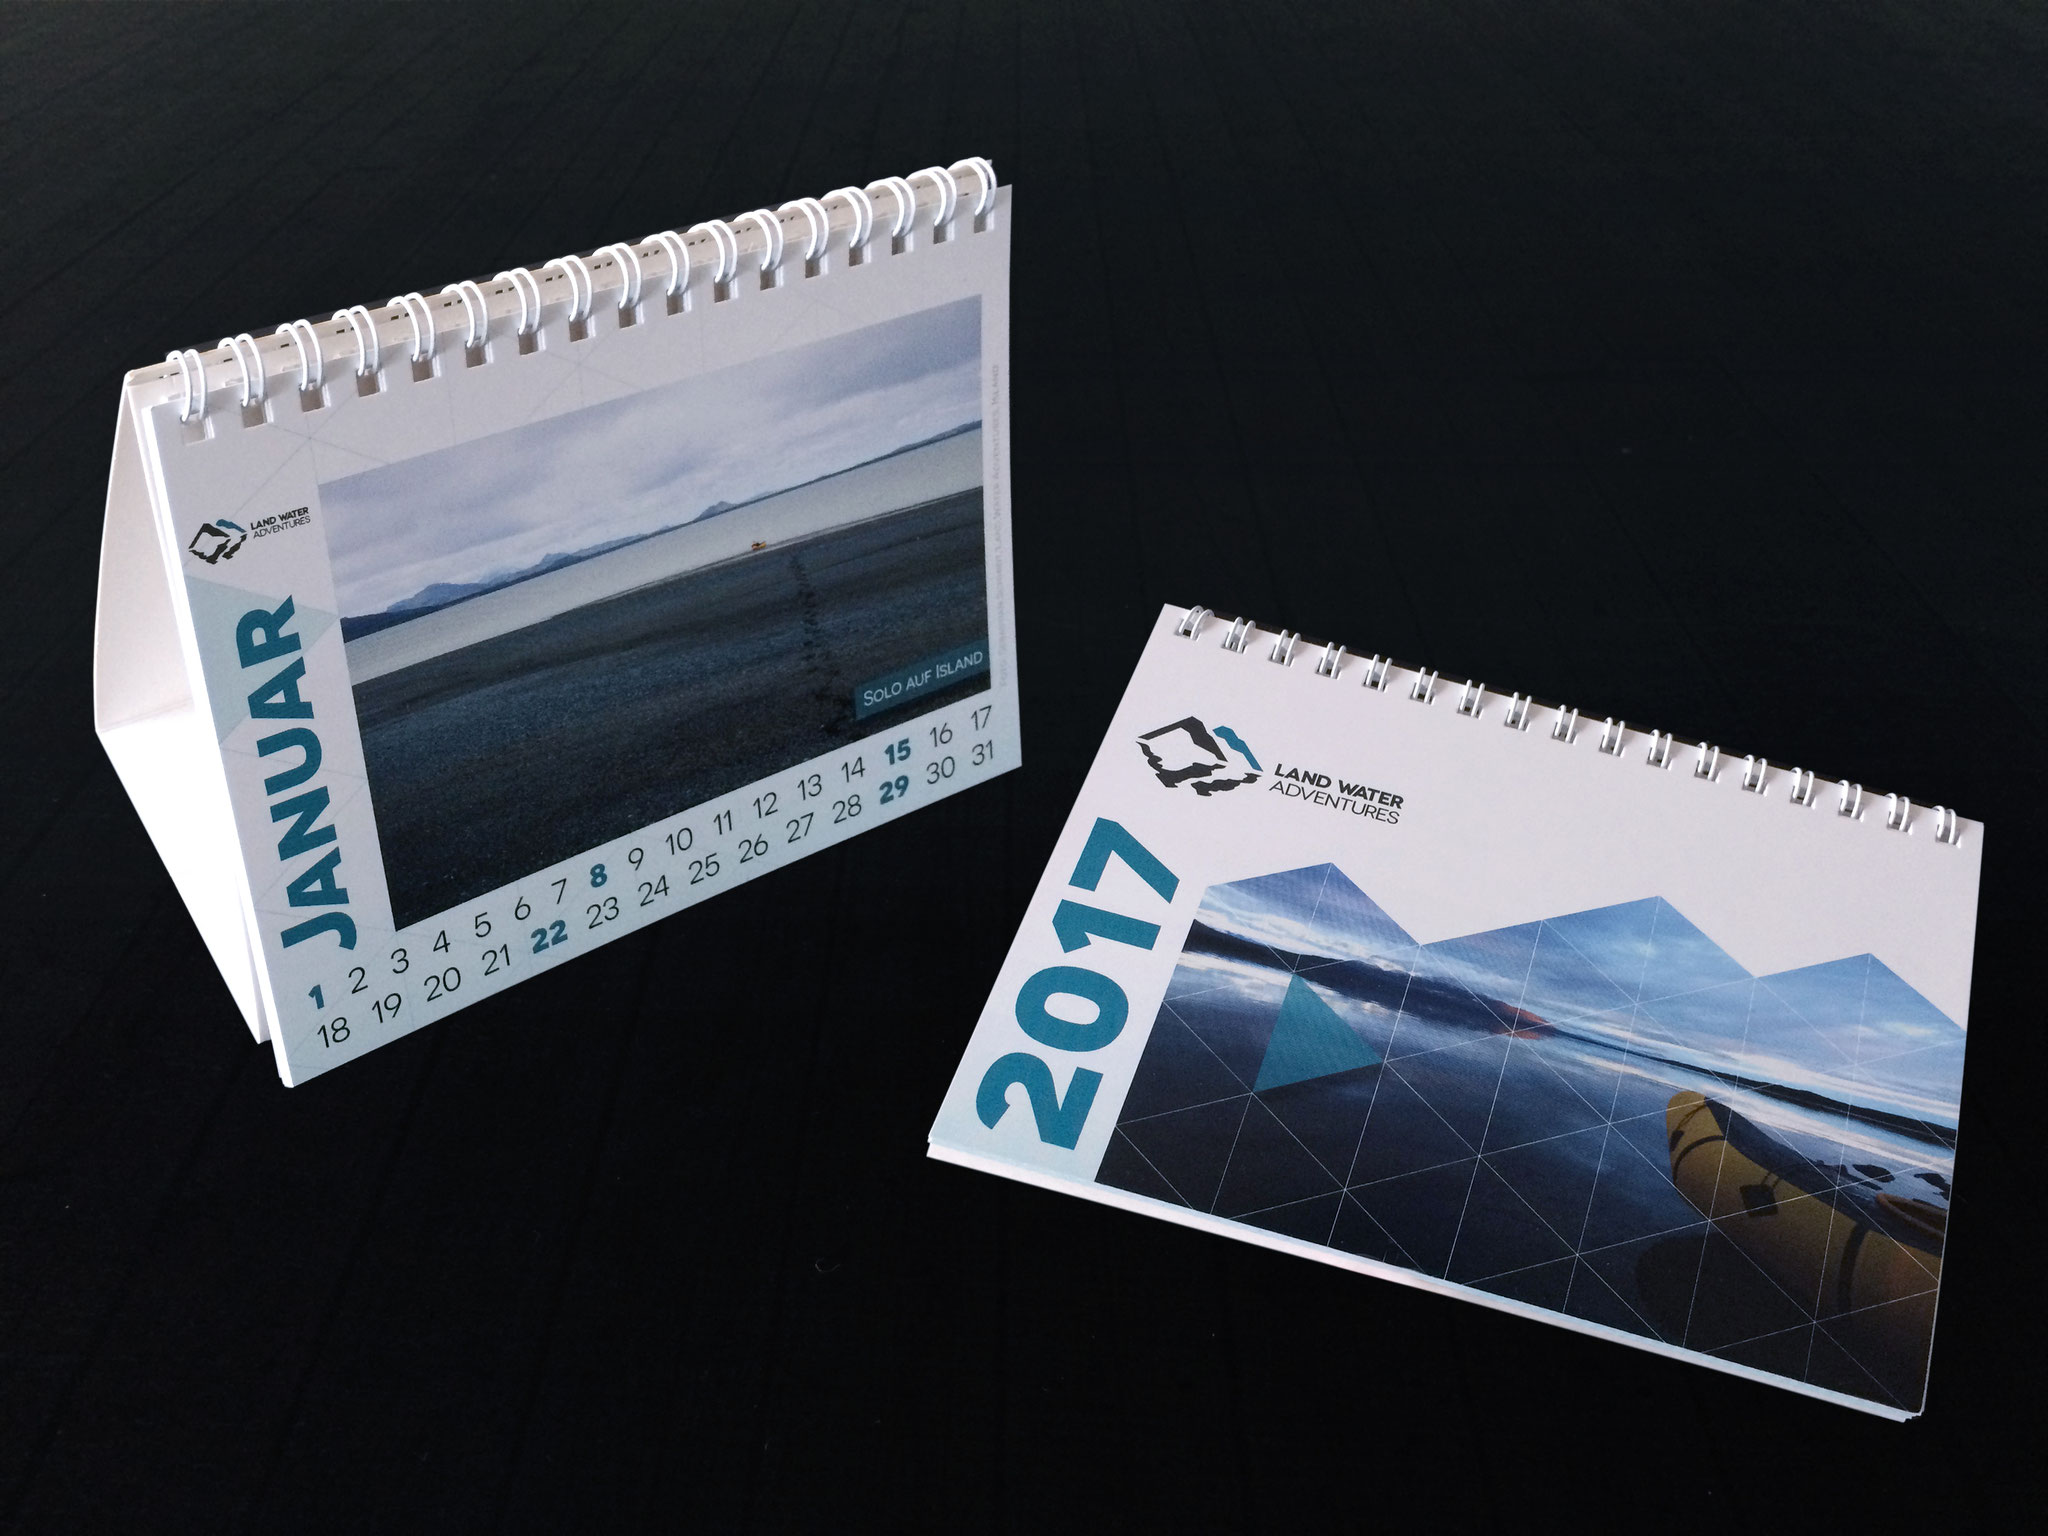 Gestaltung Kalender Tischkalender DIN A6 Format im neuen Corporate Design